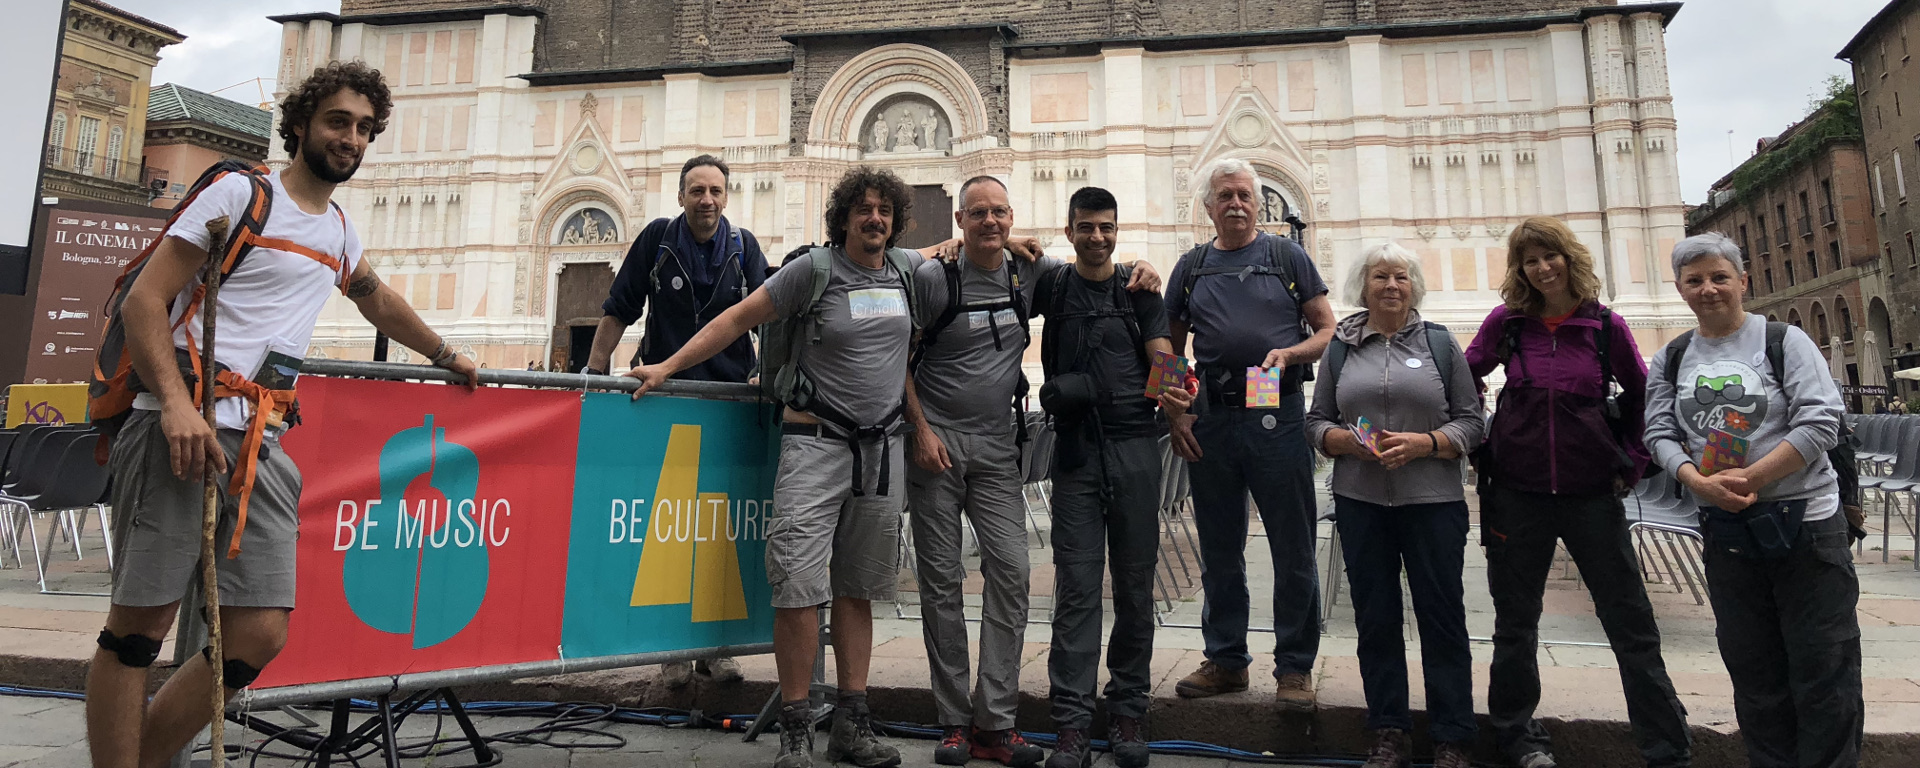 Foto: partenza da piazza Maggiore - Archivio Città metropolitana di Bologna